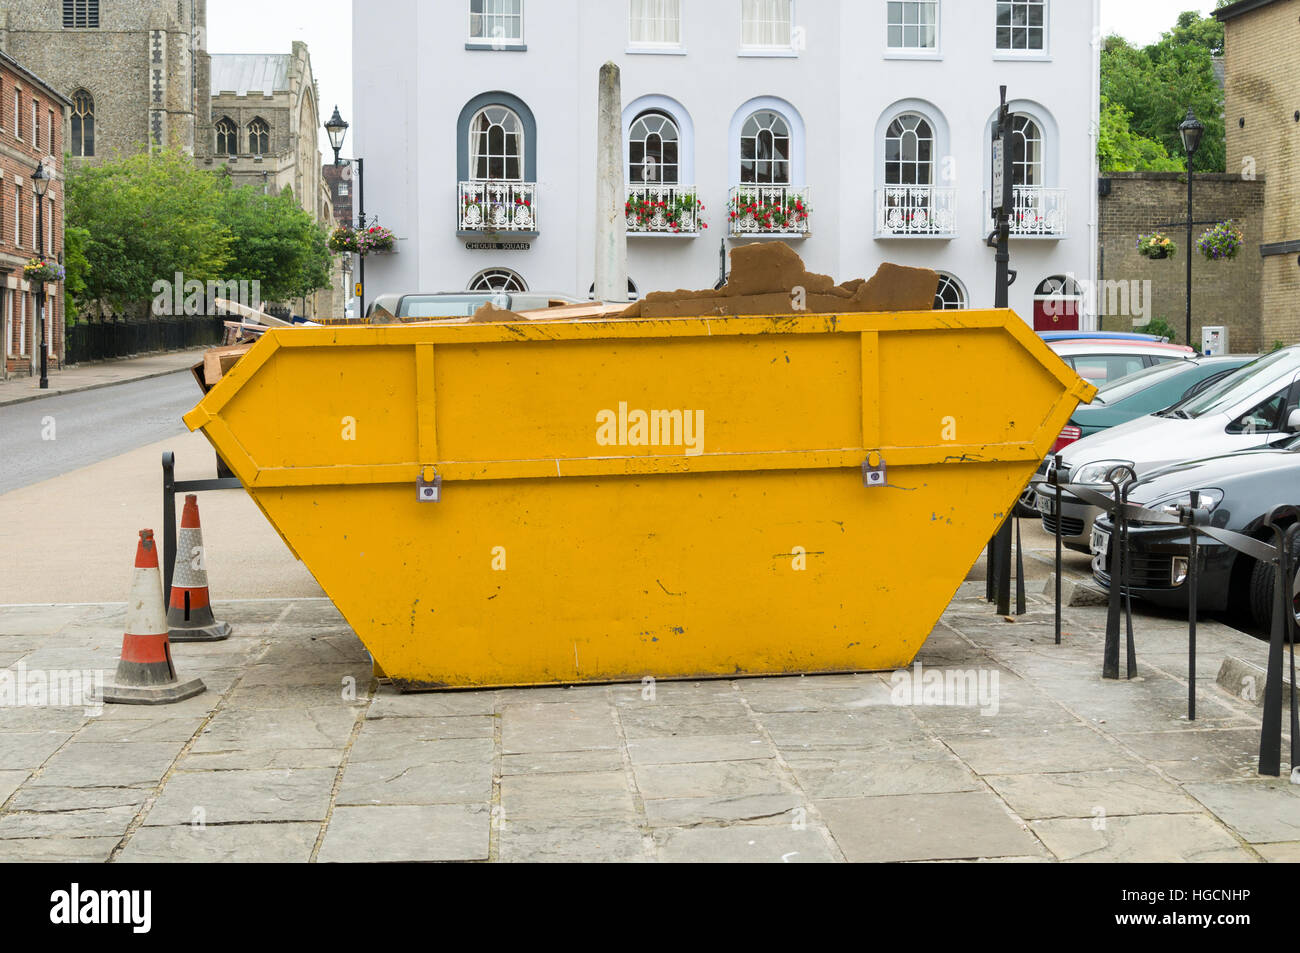 Basura o papelera o saltar o contenedor en la calle Imagen De Stock